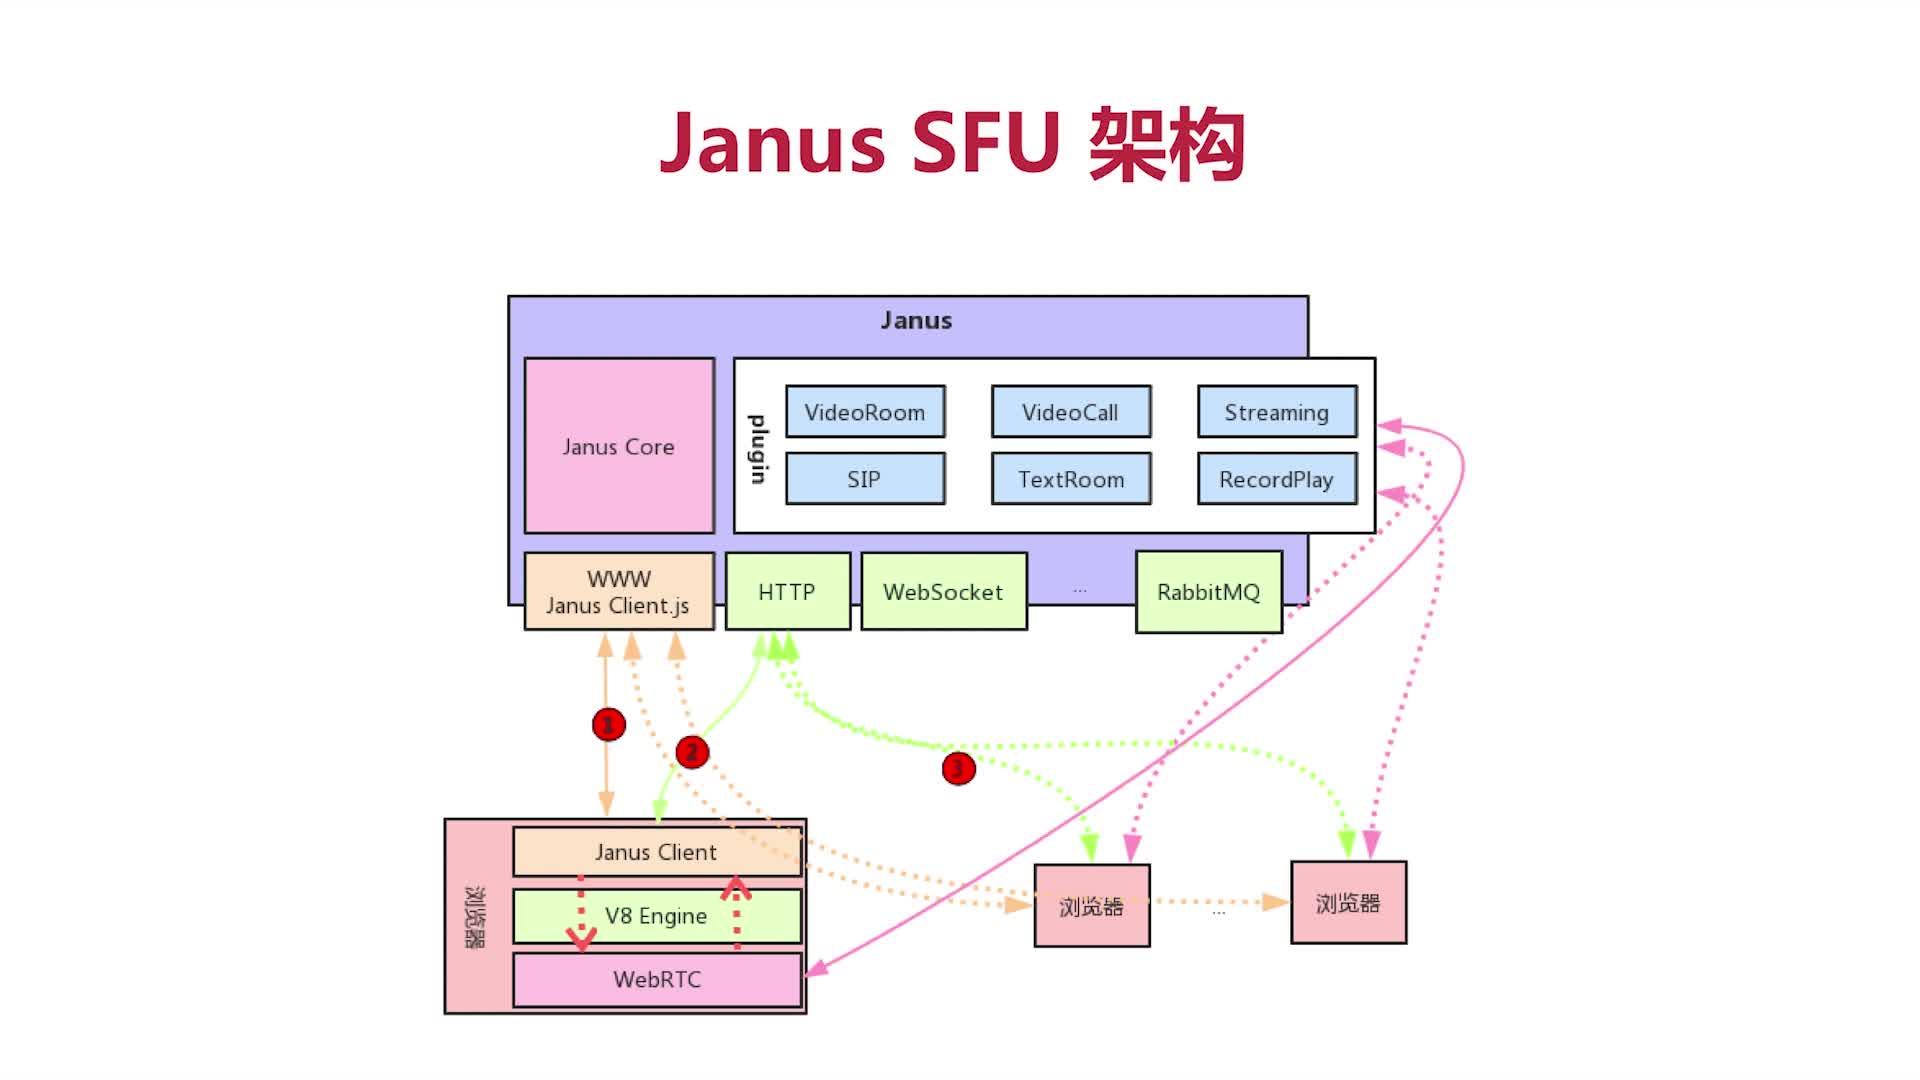 Janus SFU架构.png